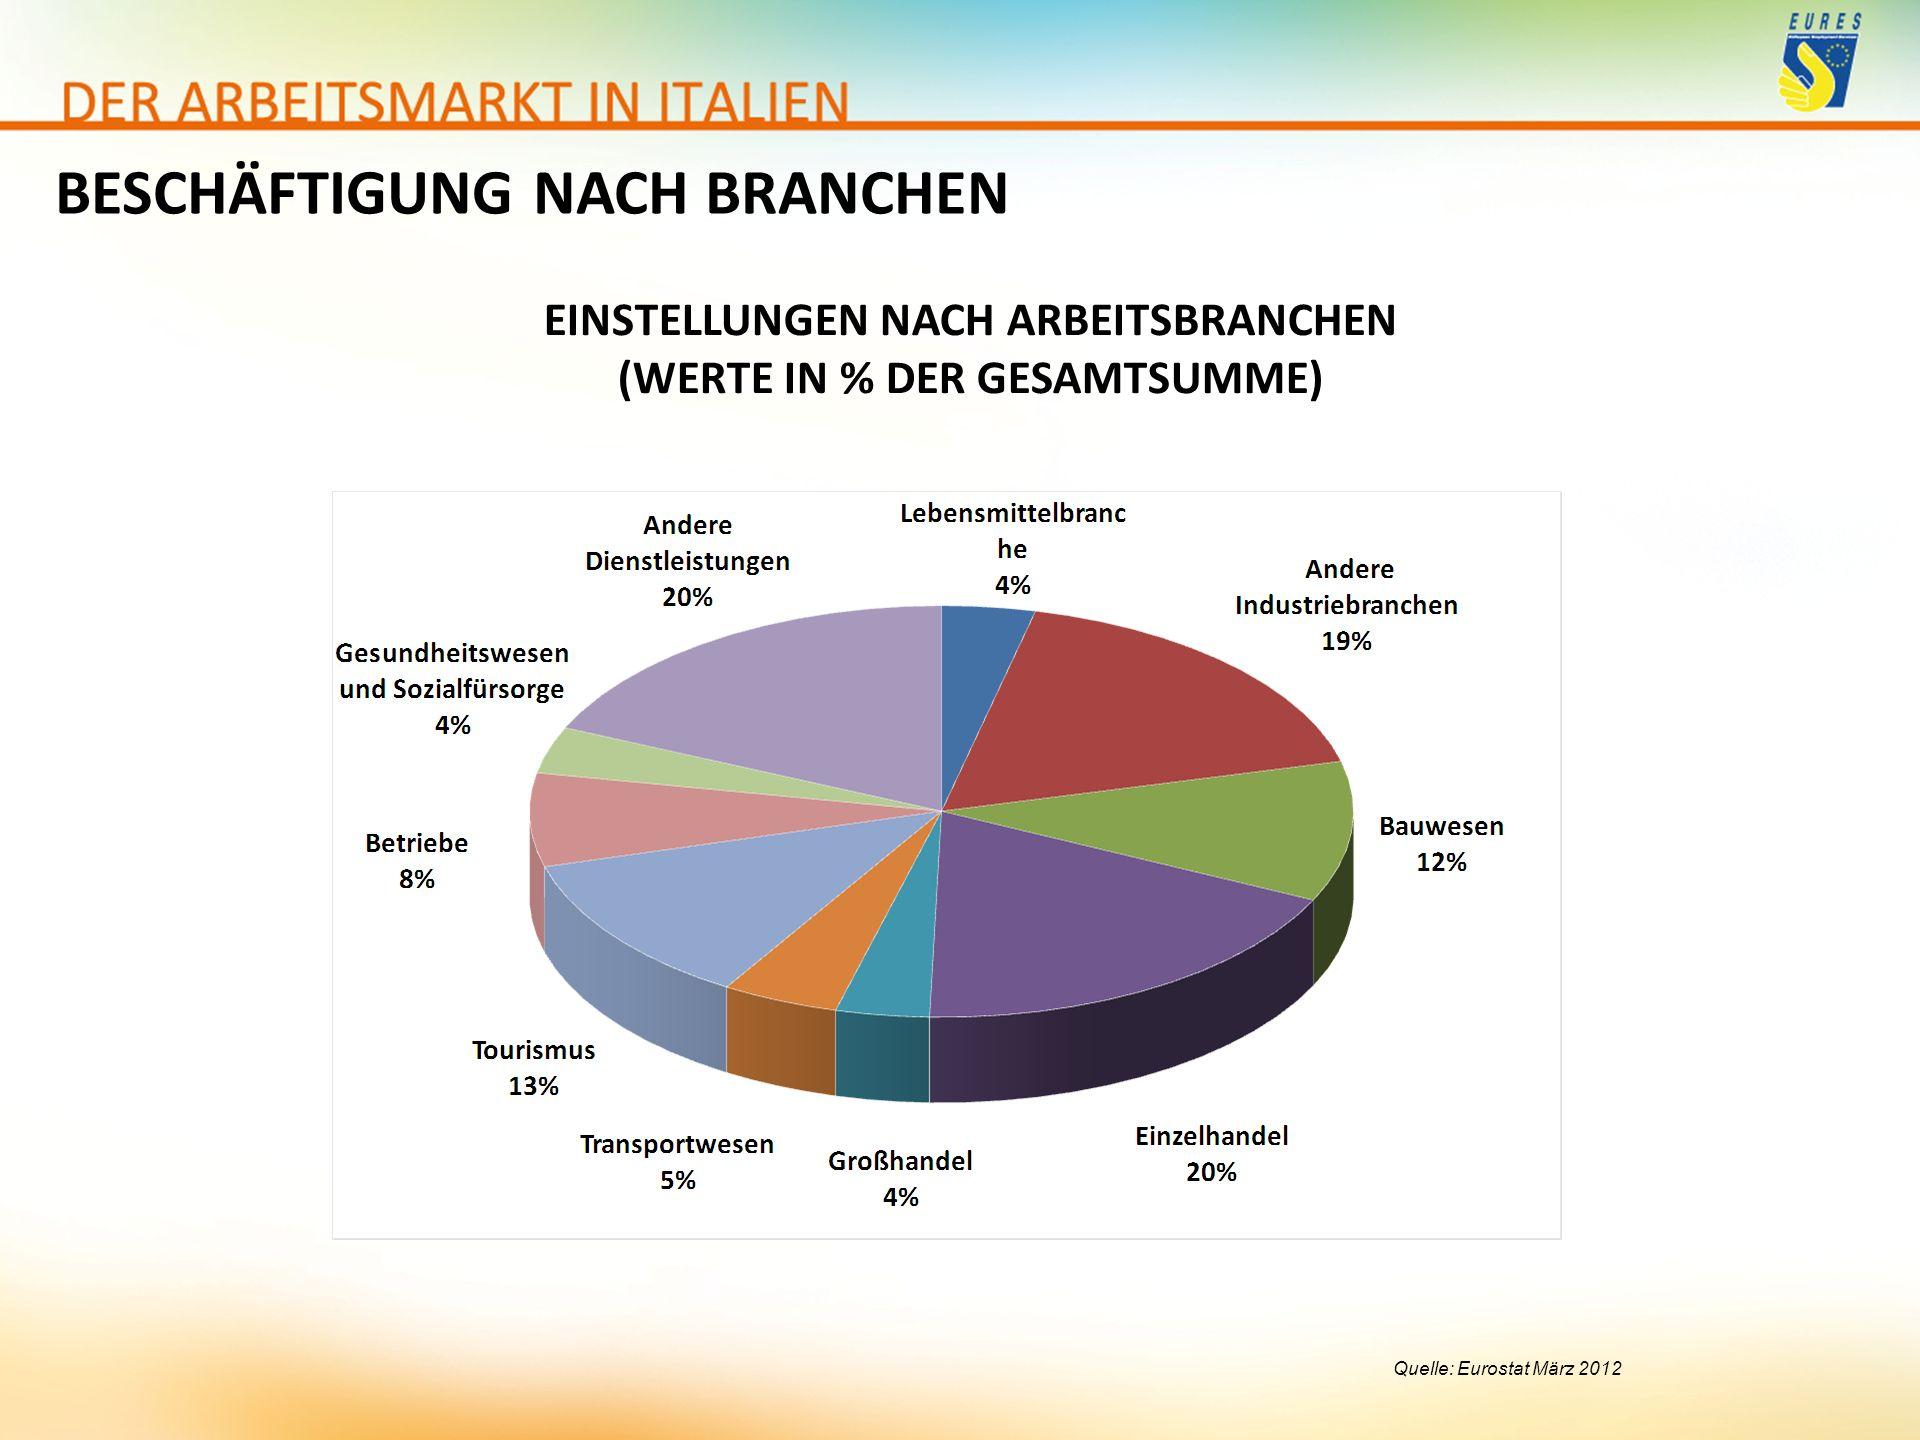 EINSTELLUNGEN NACH ARBEITSBRANCHEN (WERTE IN % DER GESAMTSUMME)